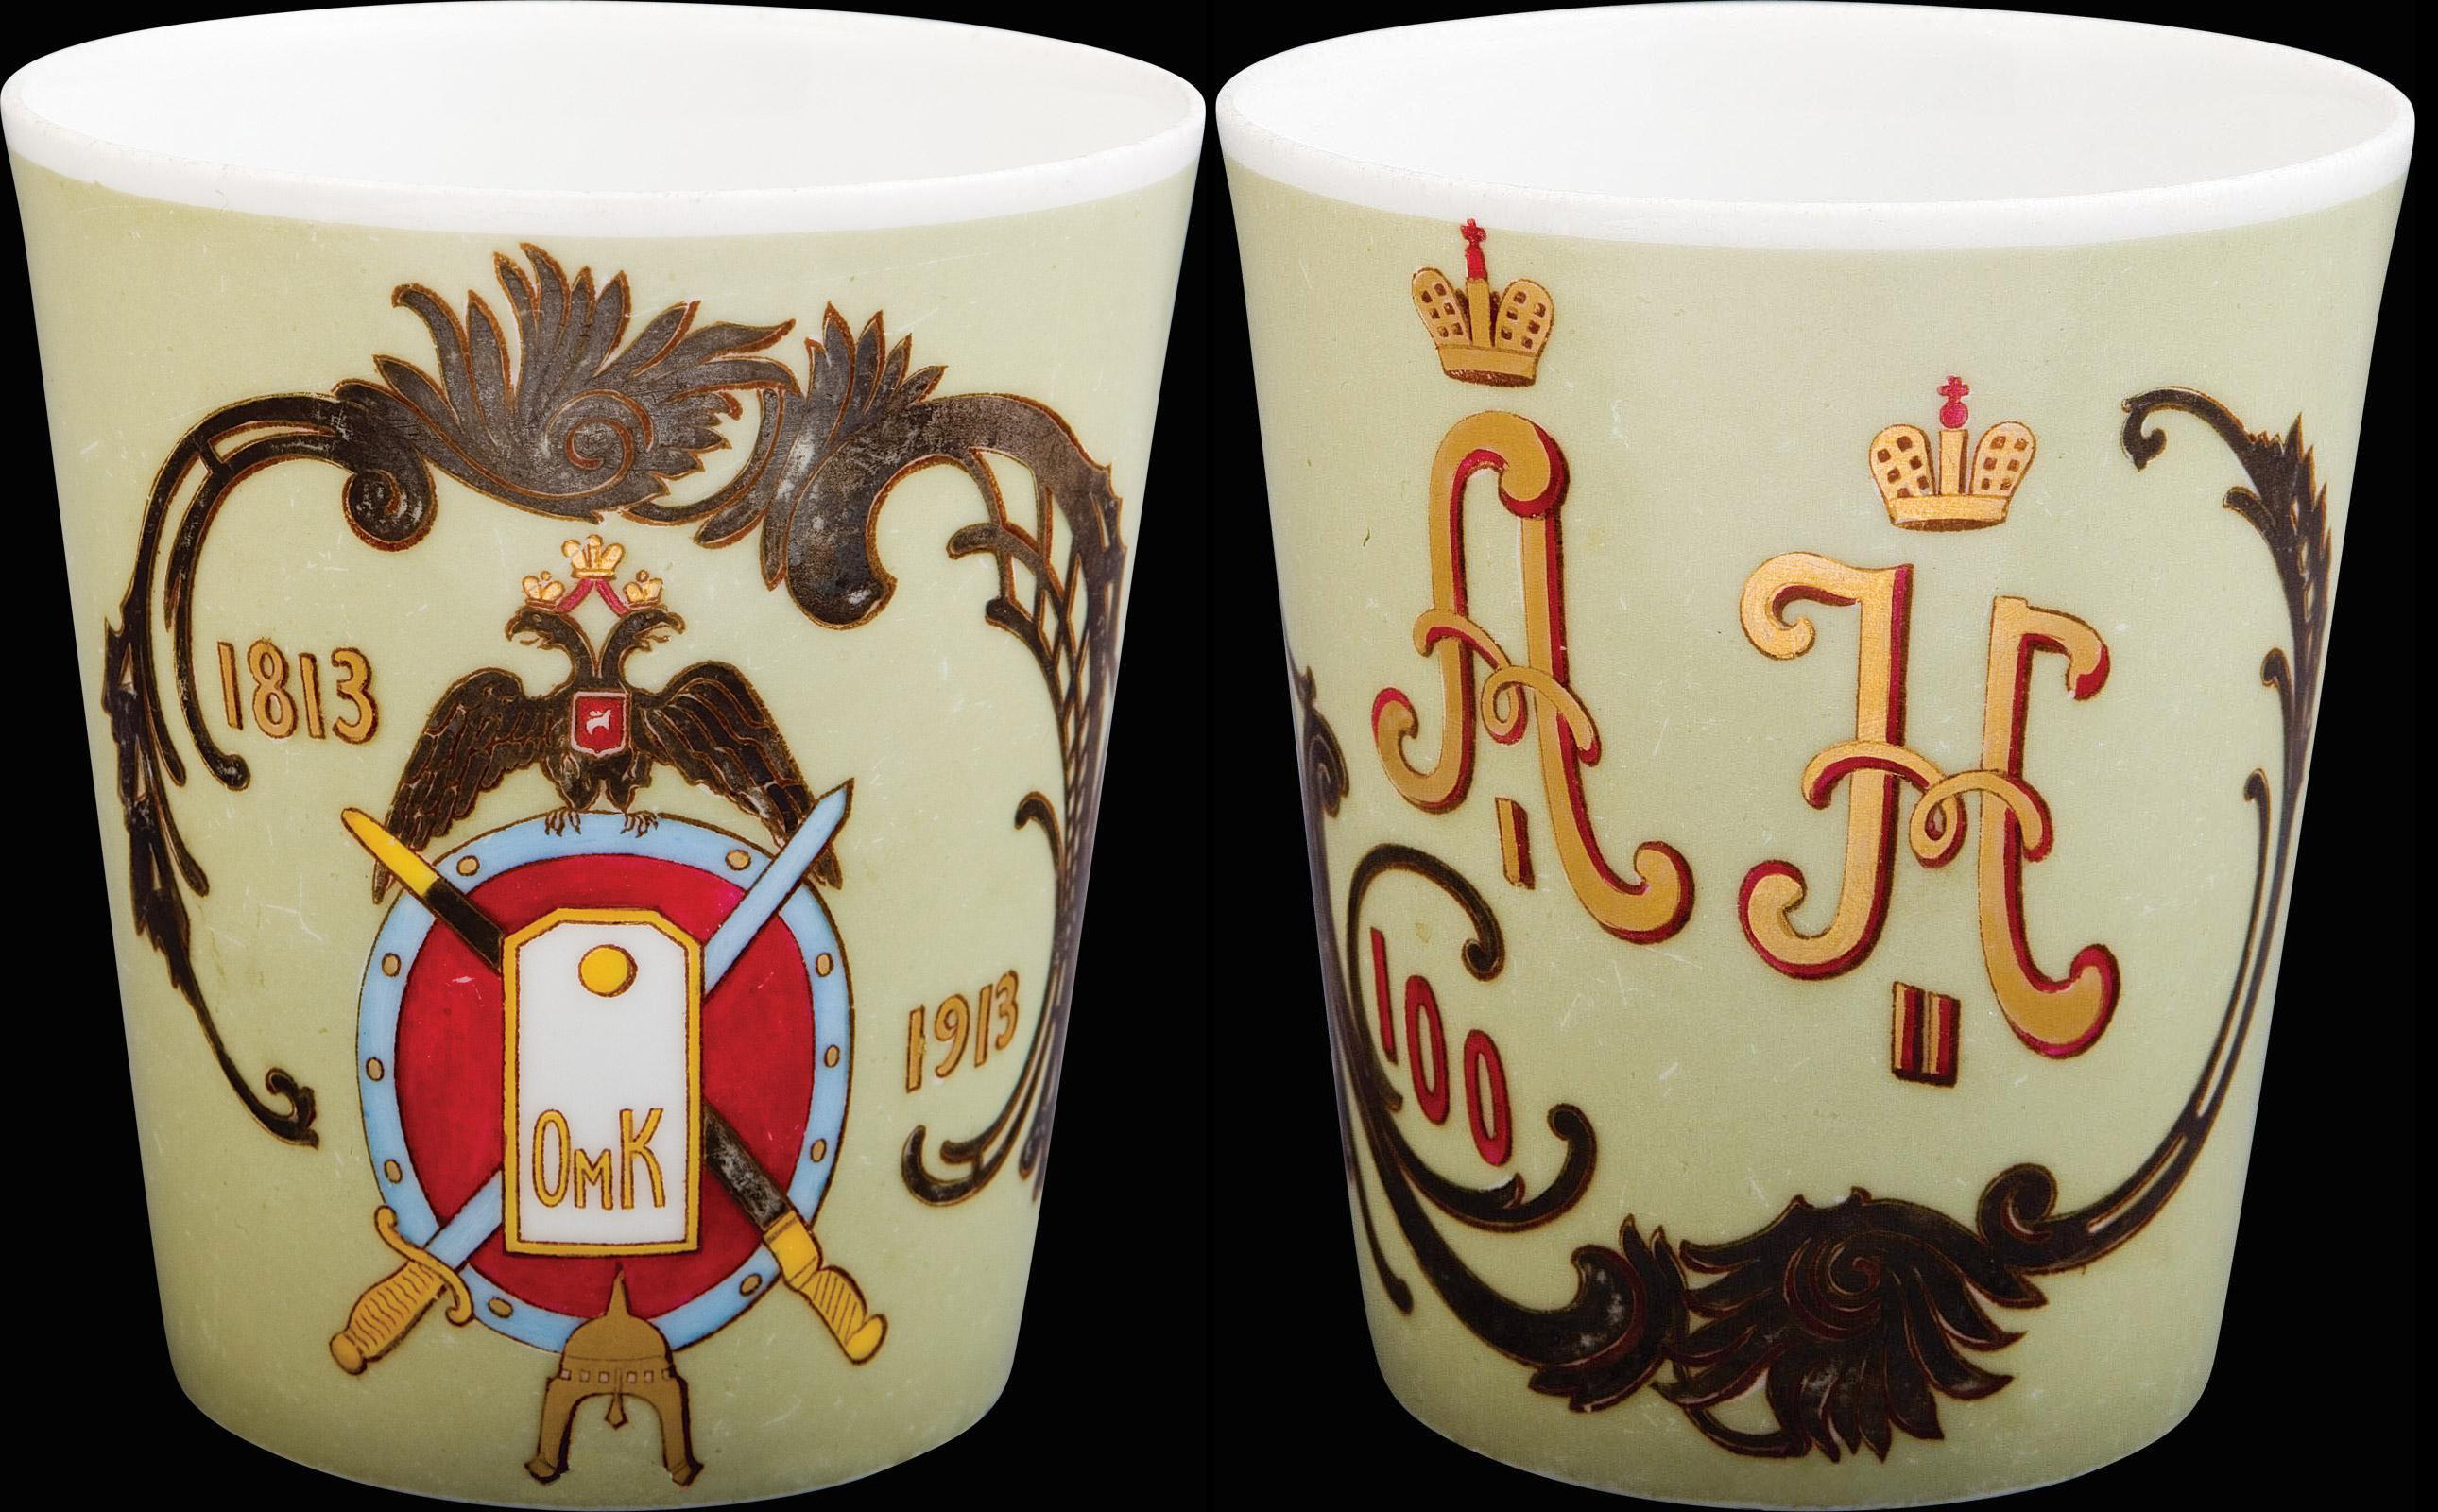 0_97ee6_12d46f22_origСтакан 1-го Сибирского Императора Александра I кадетского корпуса в Омске «В память столетнего юбилея».